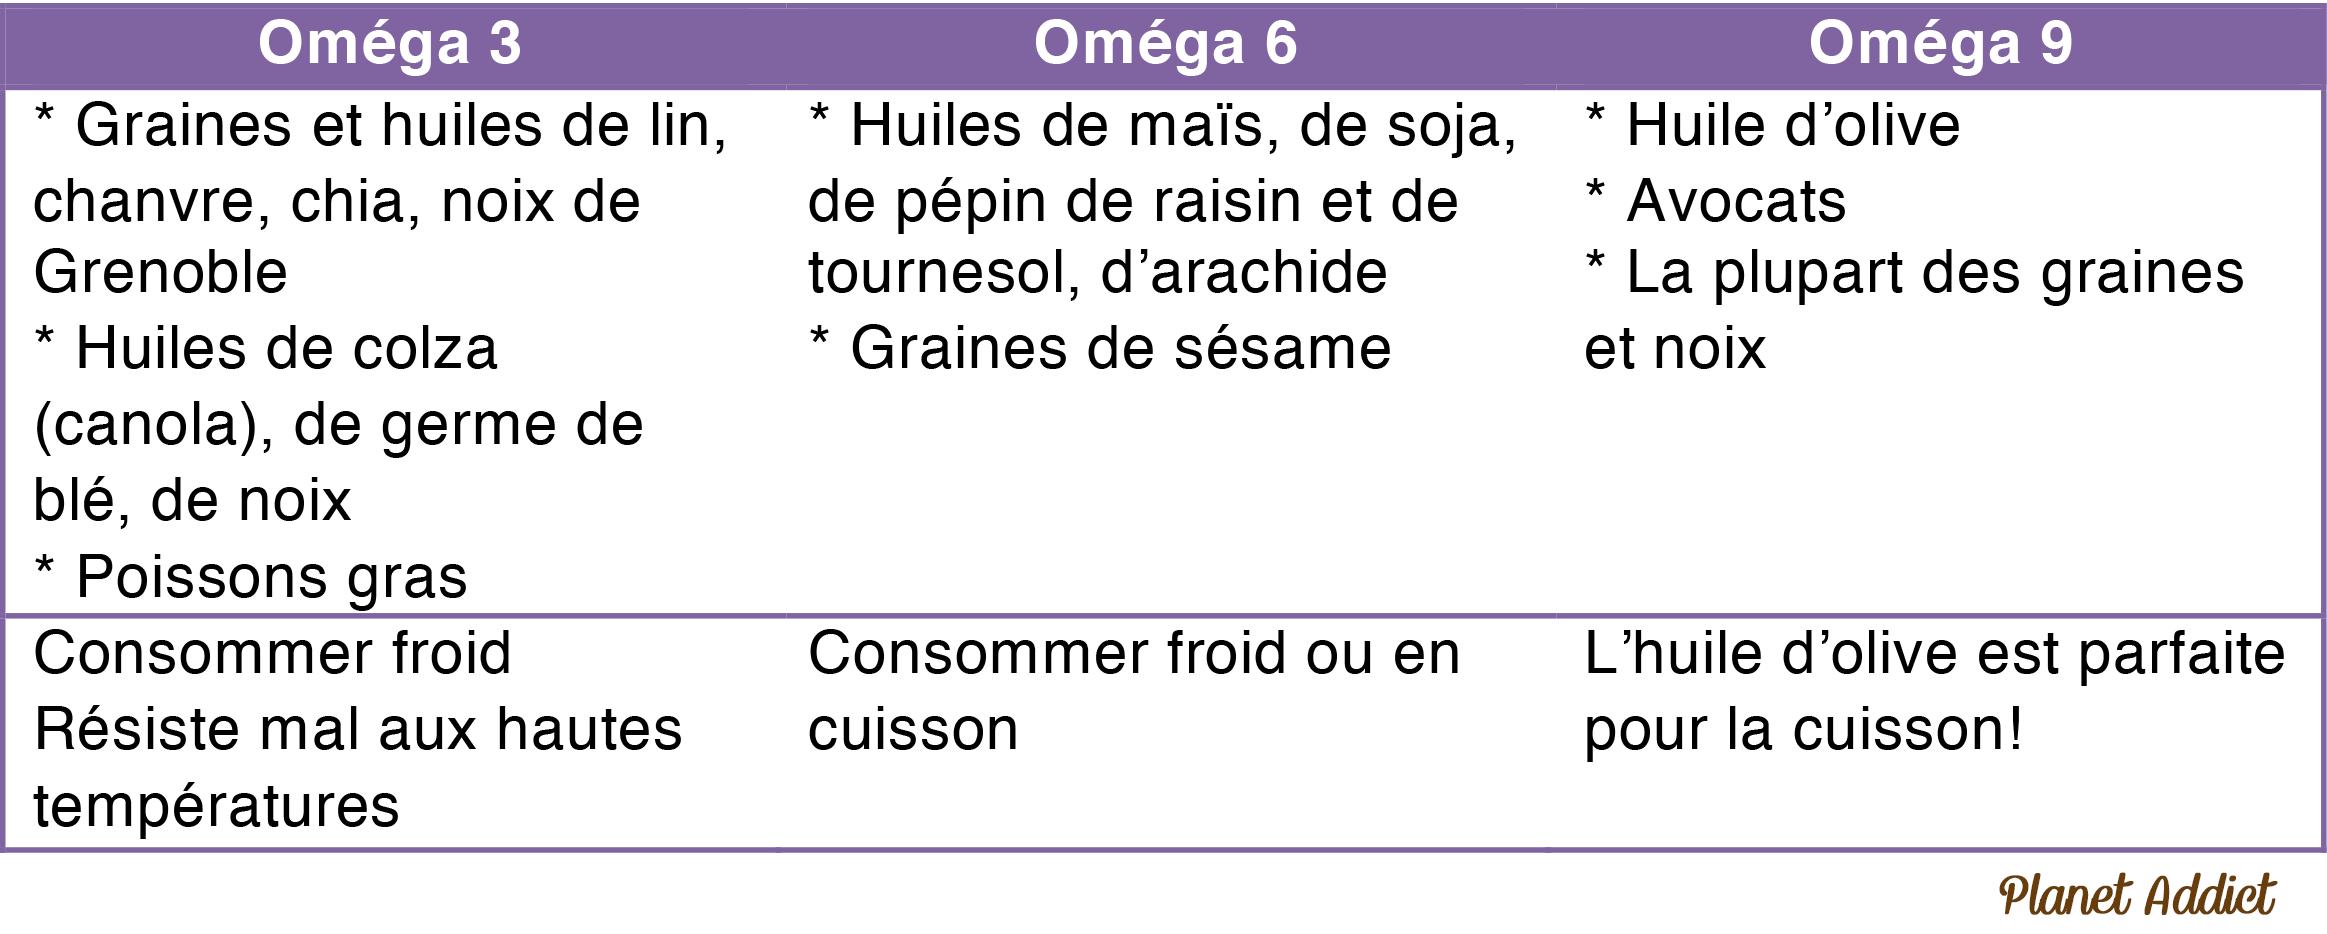 Acides gras omg